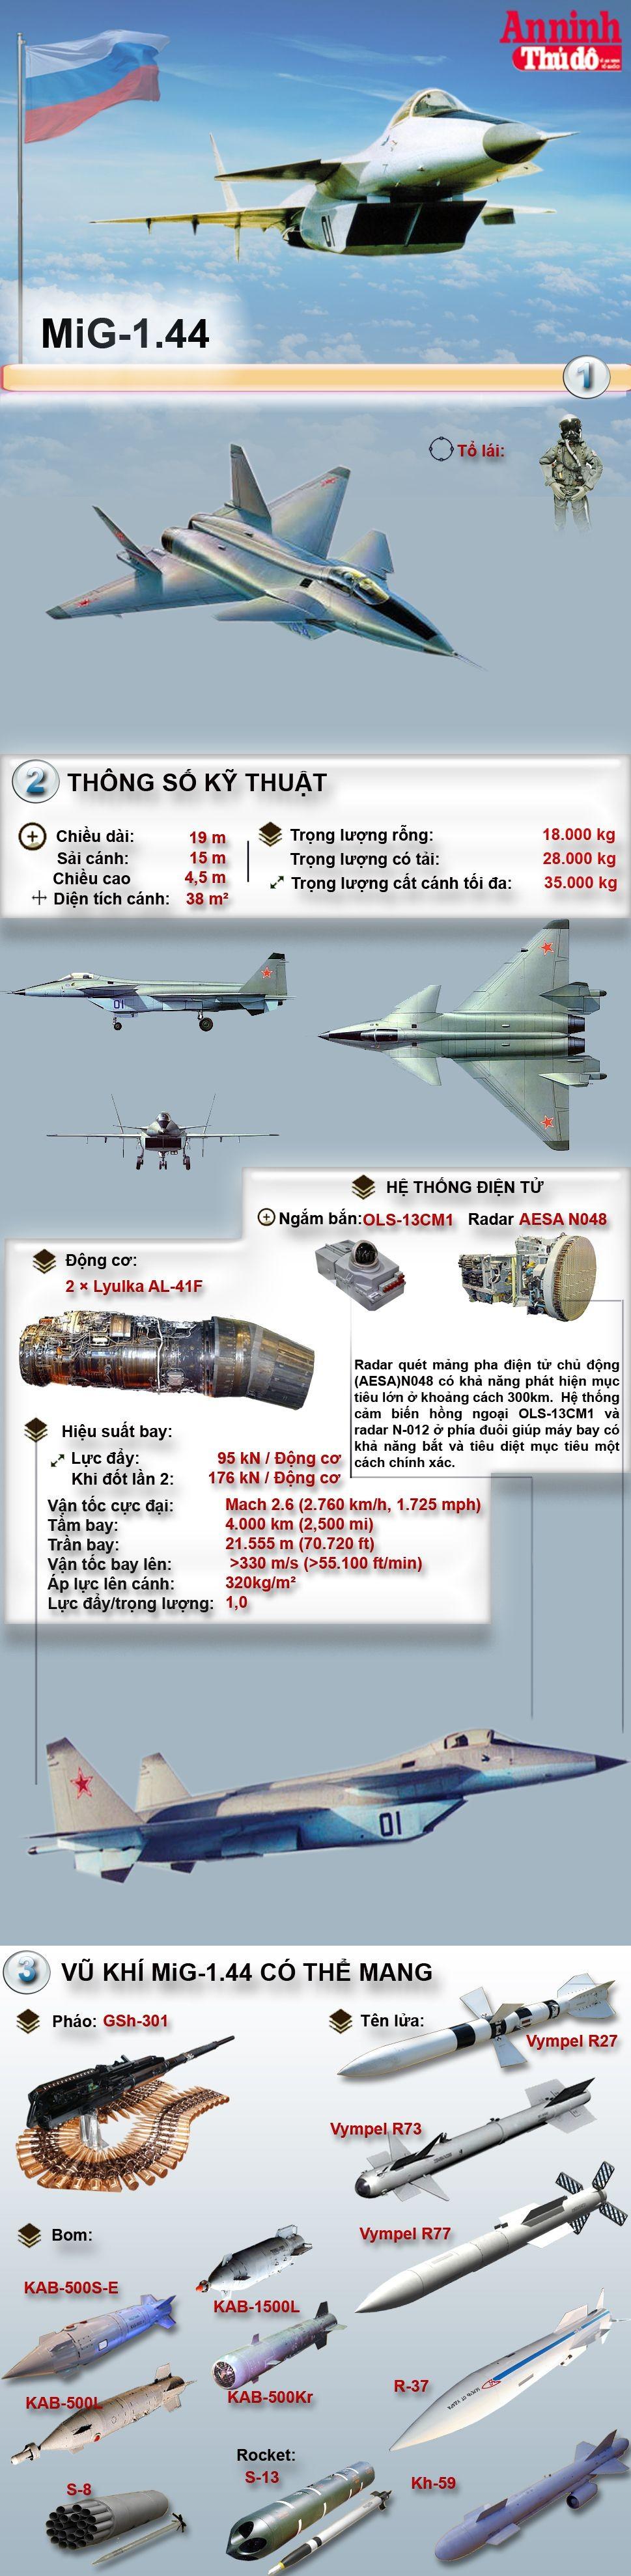 [Infographic] MiG-1.44 - Cánh én tàng hình lỗi hẹn bầu trời của Nga